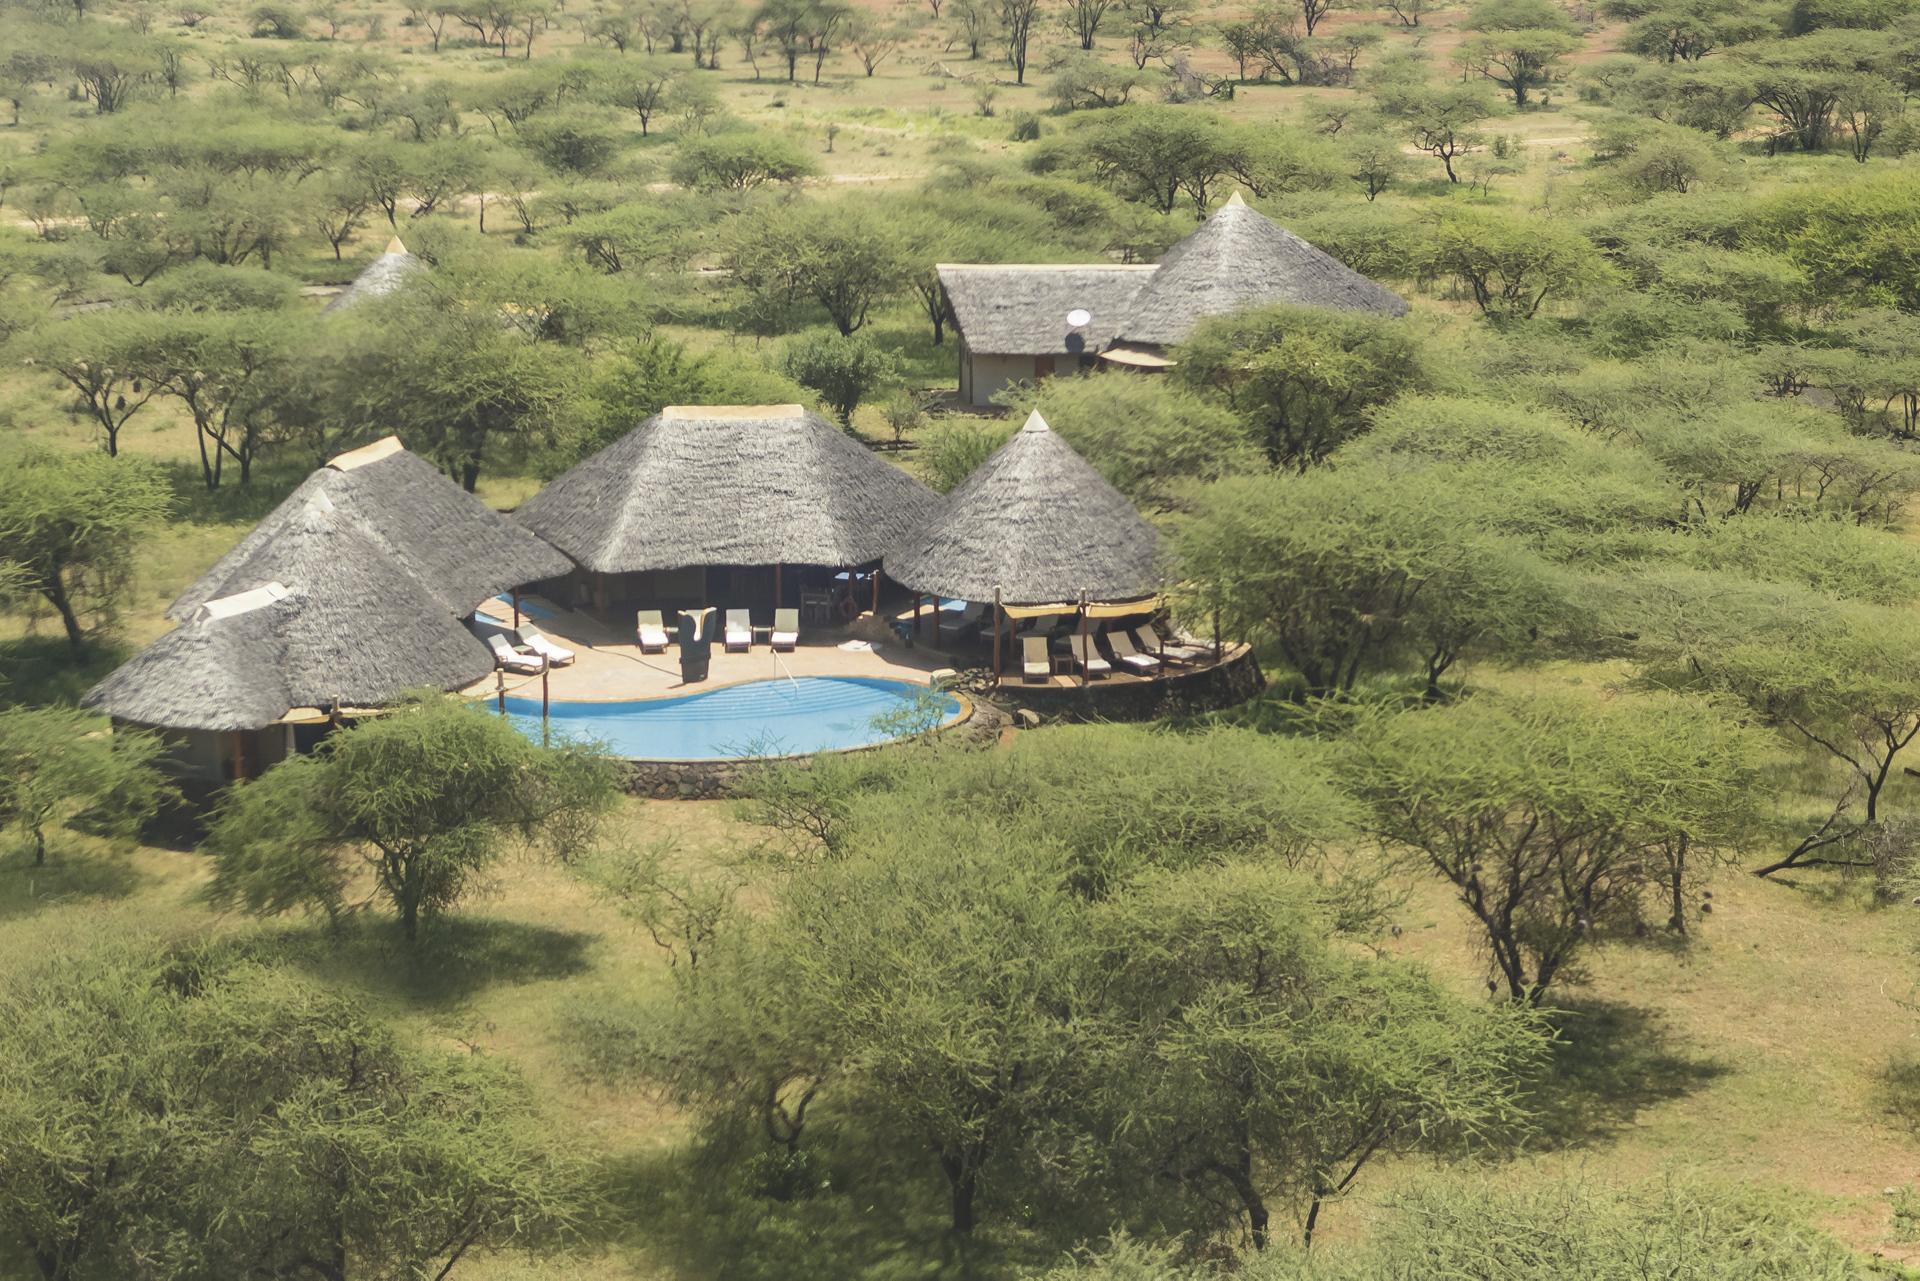 Camp zwischen Akazien in der weiten Savanne